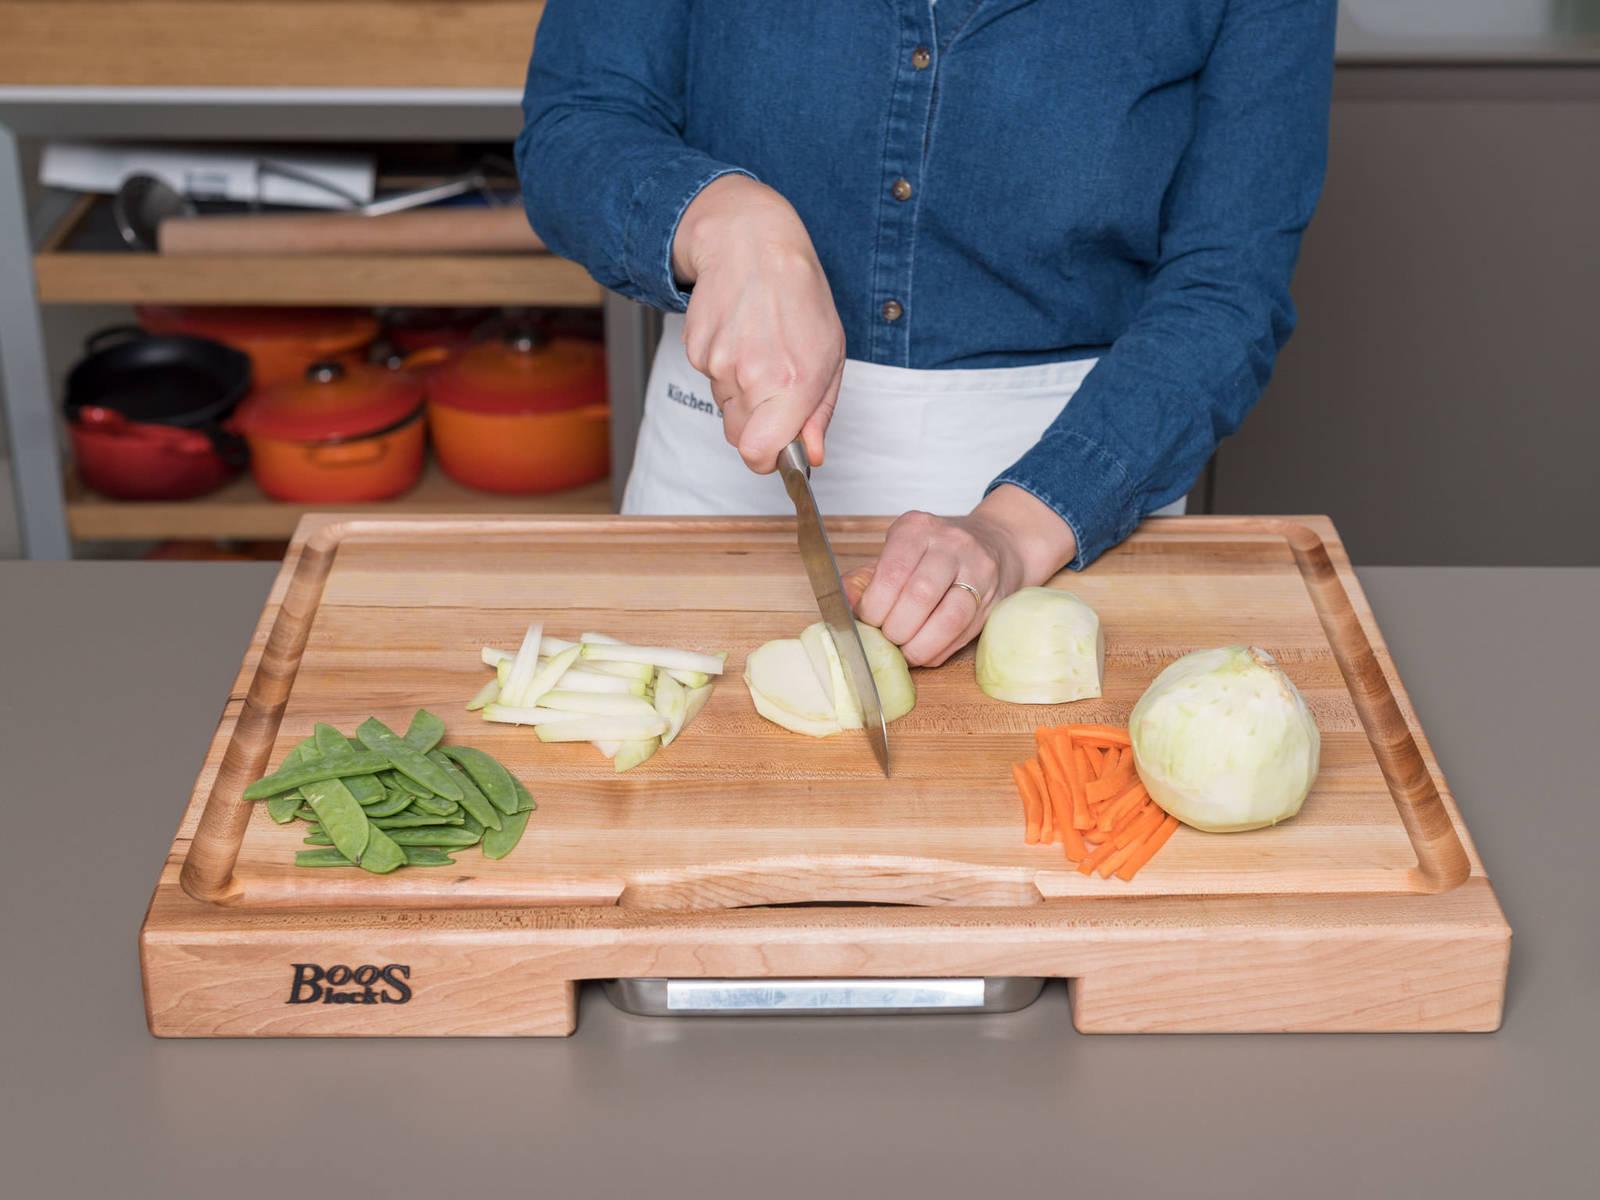 将部分胡萝卜和苤蓝削皮,切片,然后切成小条。解冻毛豆。清洗蜜豆,切去底部,撕掉连着的边丝。将芝麻烘烤至散发香气。